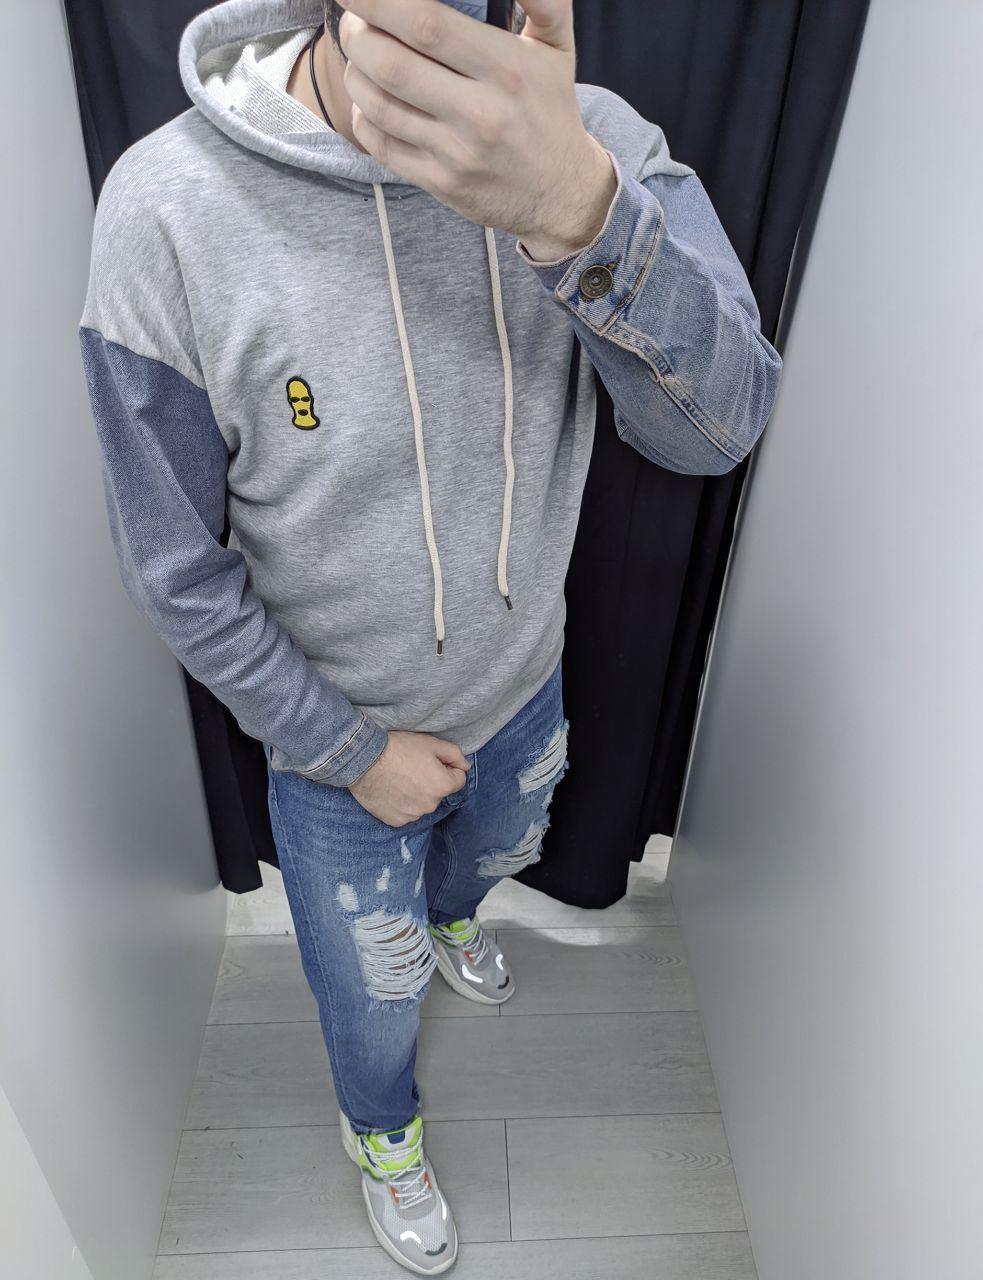 Толстовка худі кенгуру чоловіча з капюшоном з джинсовими рукавами , кольори: білий, сірий, жовтий